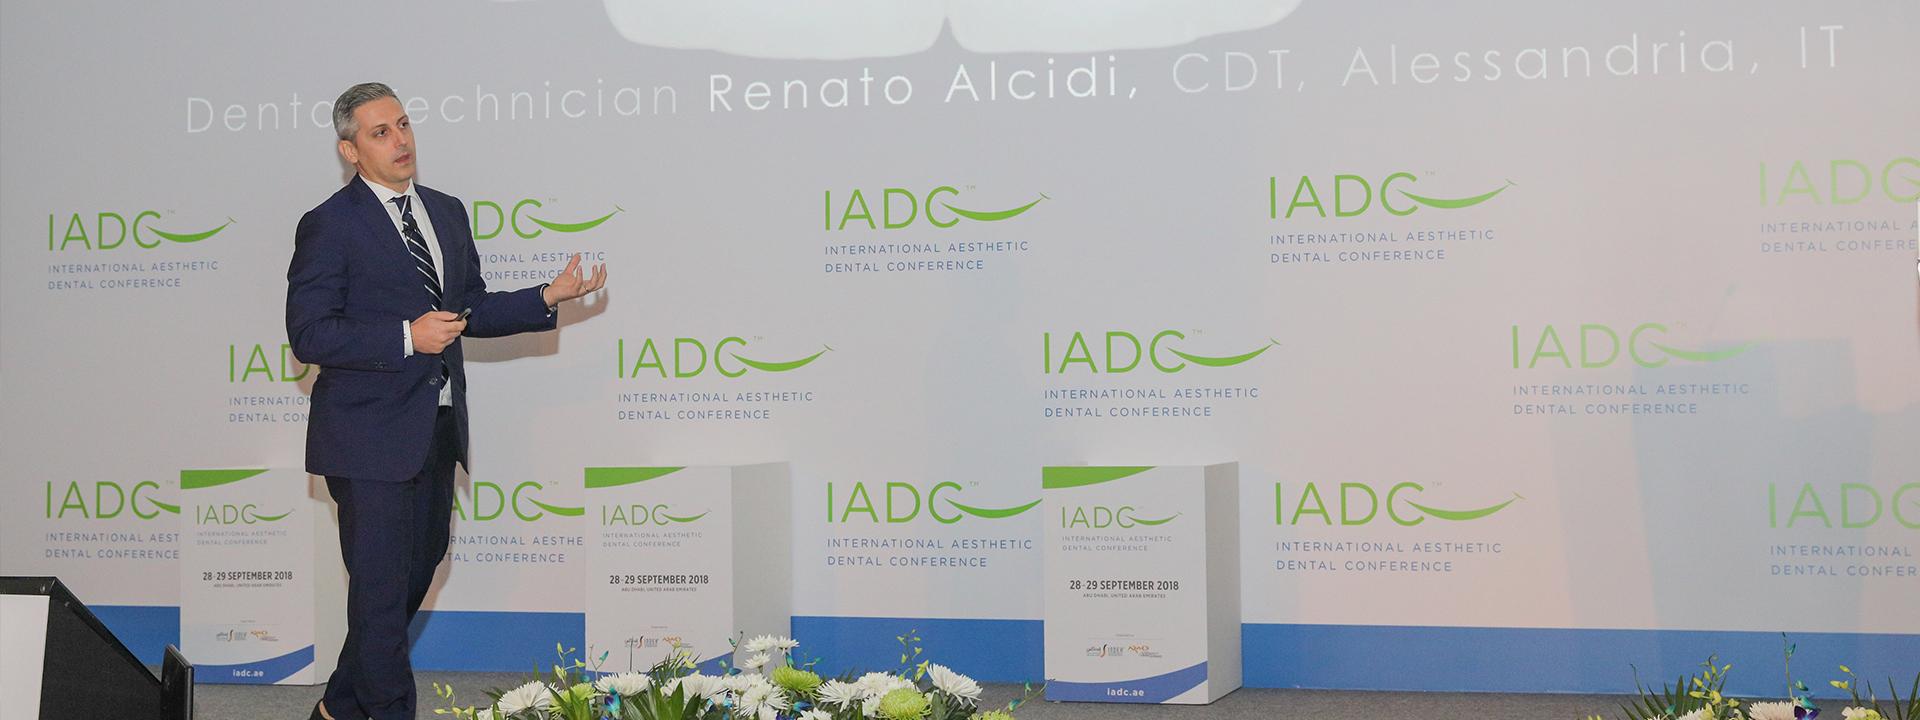 IADC 2018